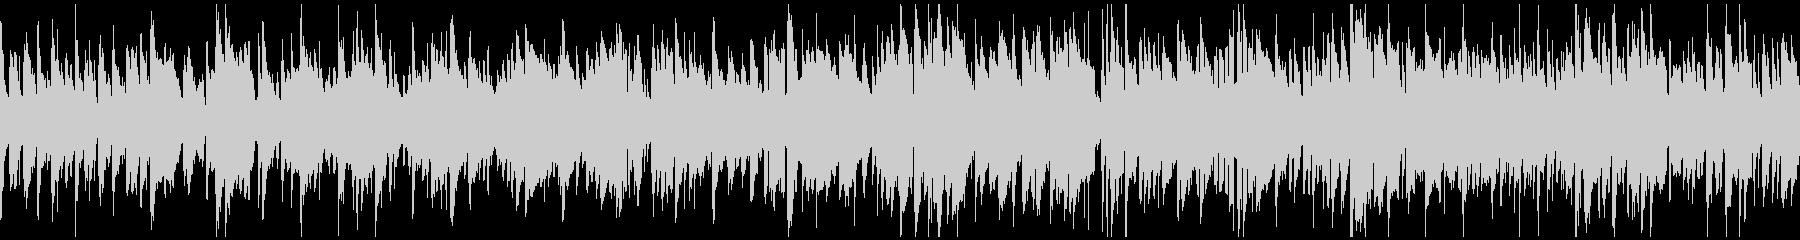 秋のボサノバ・ジャズ、お洒落 ※ループ版の未再生の波形